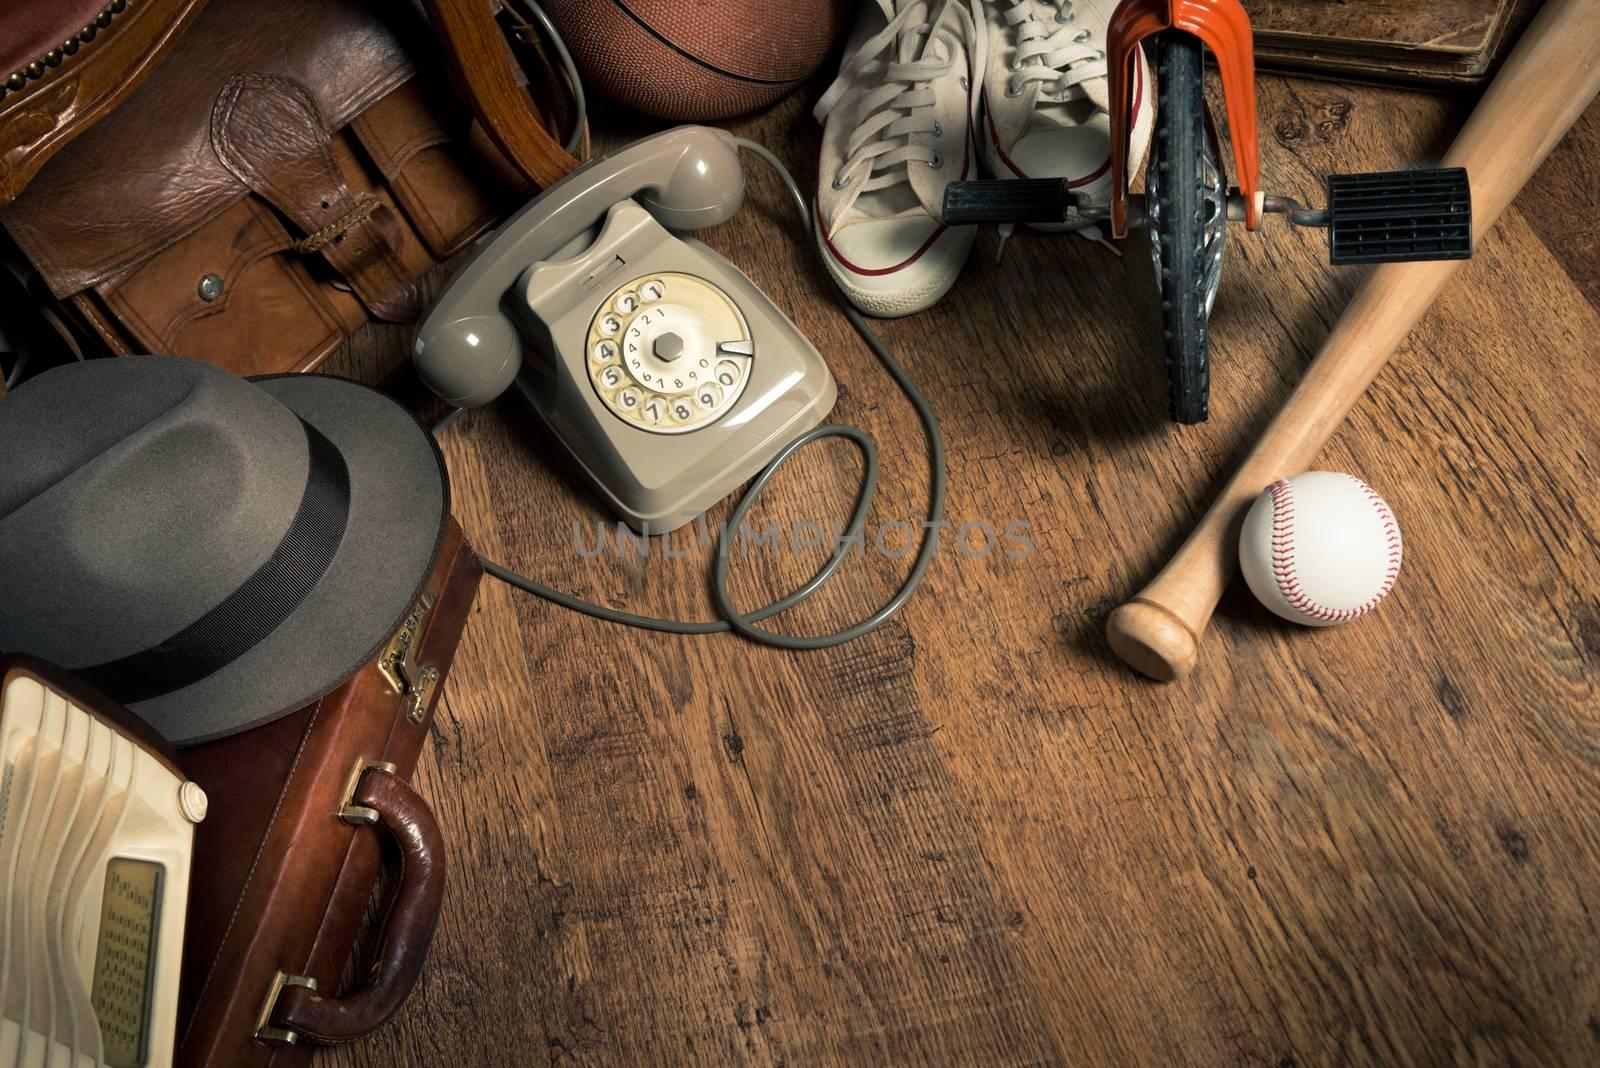 Group of assorted vintage items on hardwood floor at flea market.